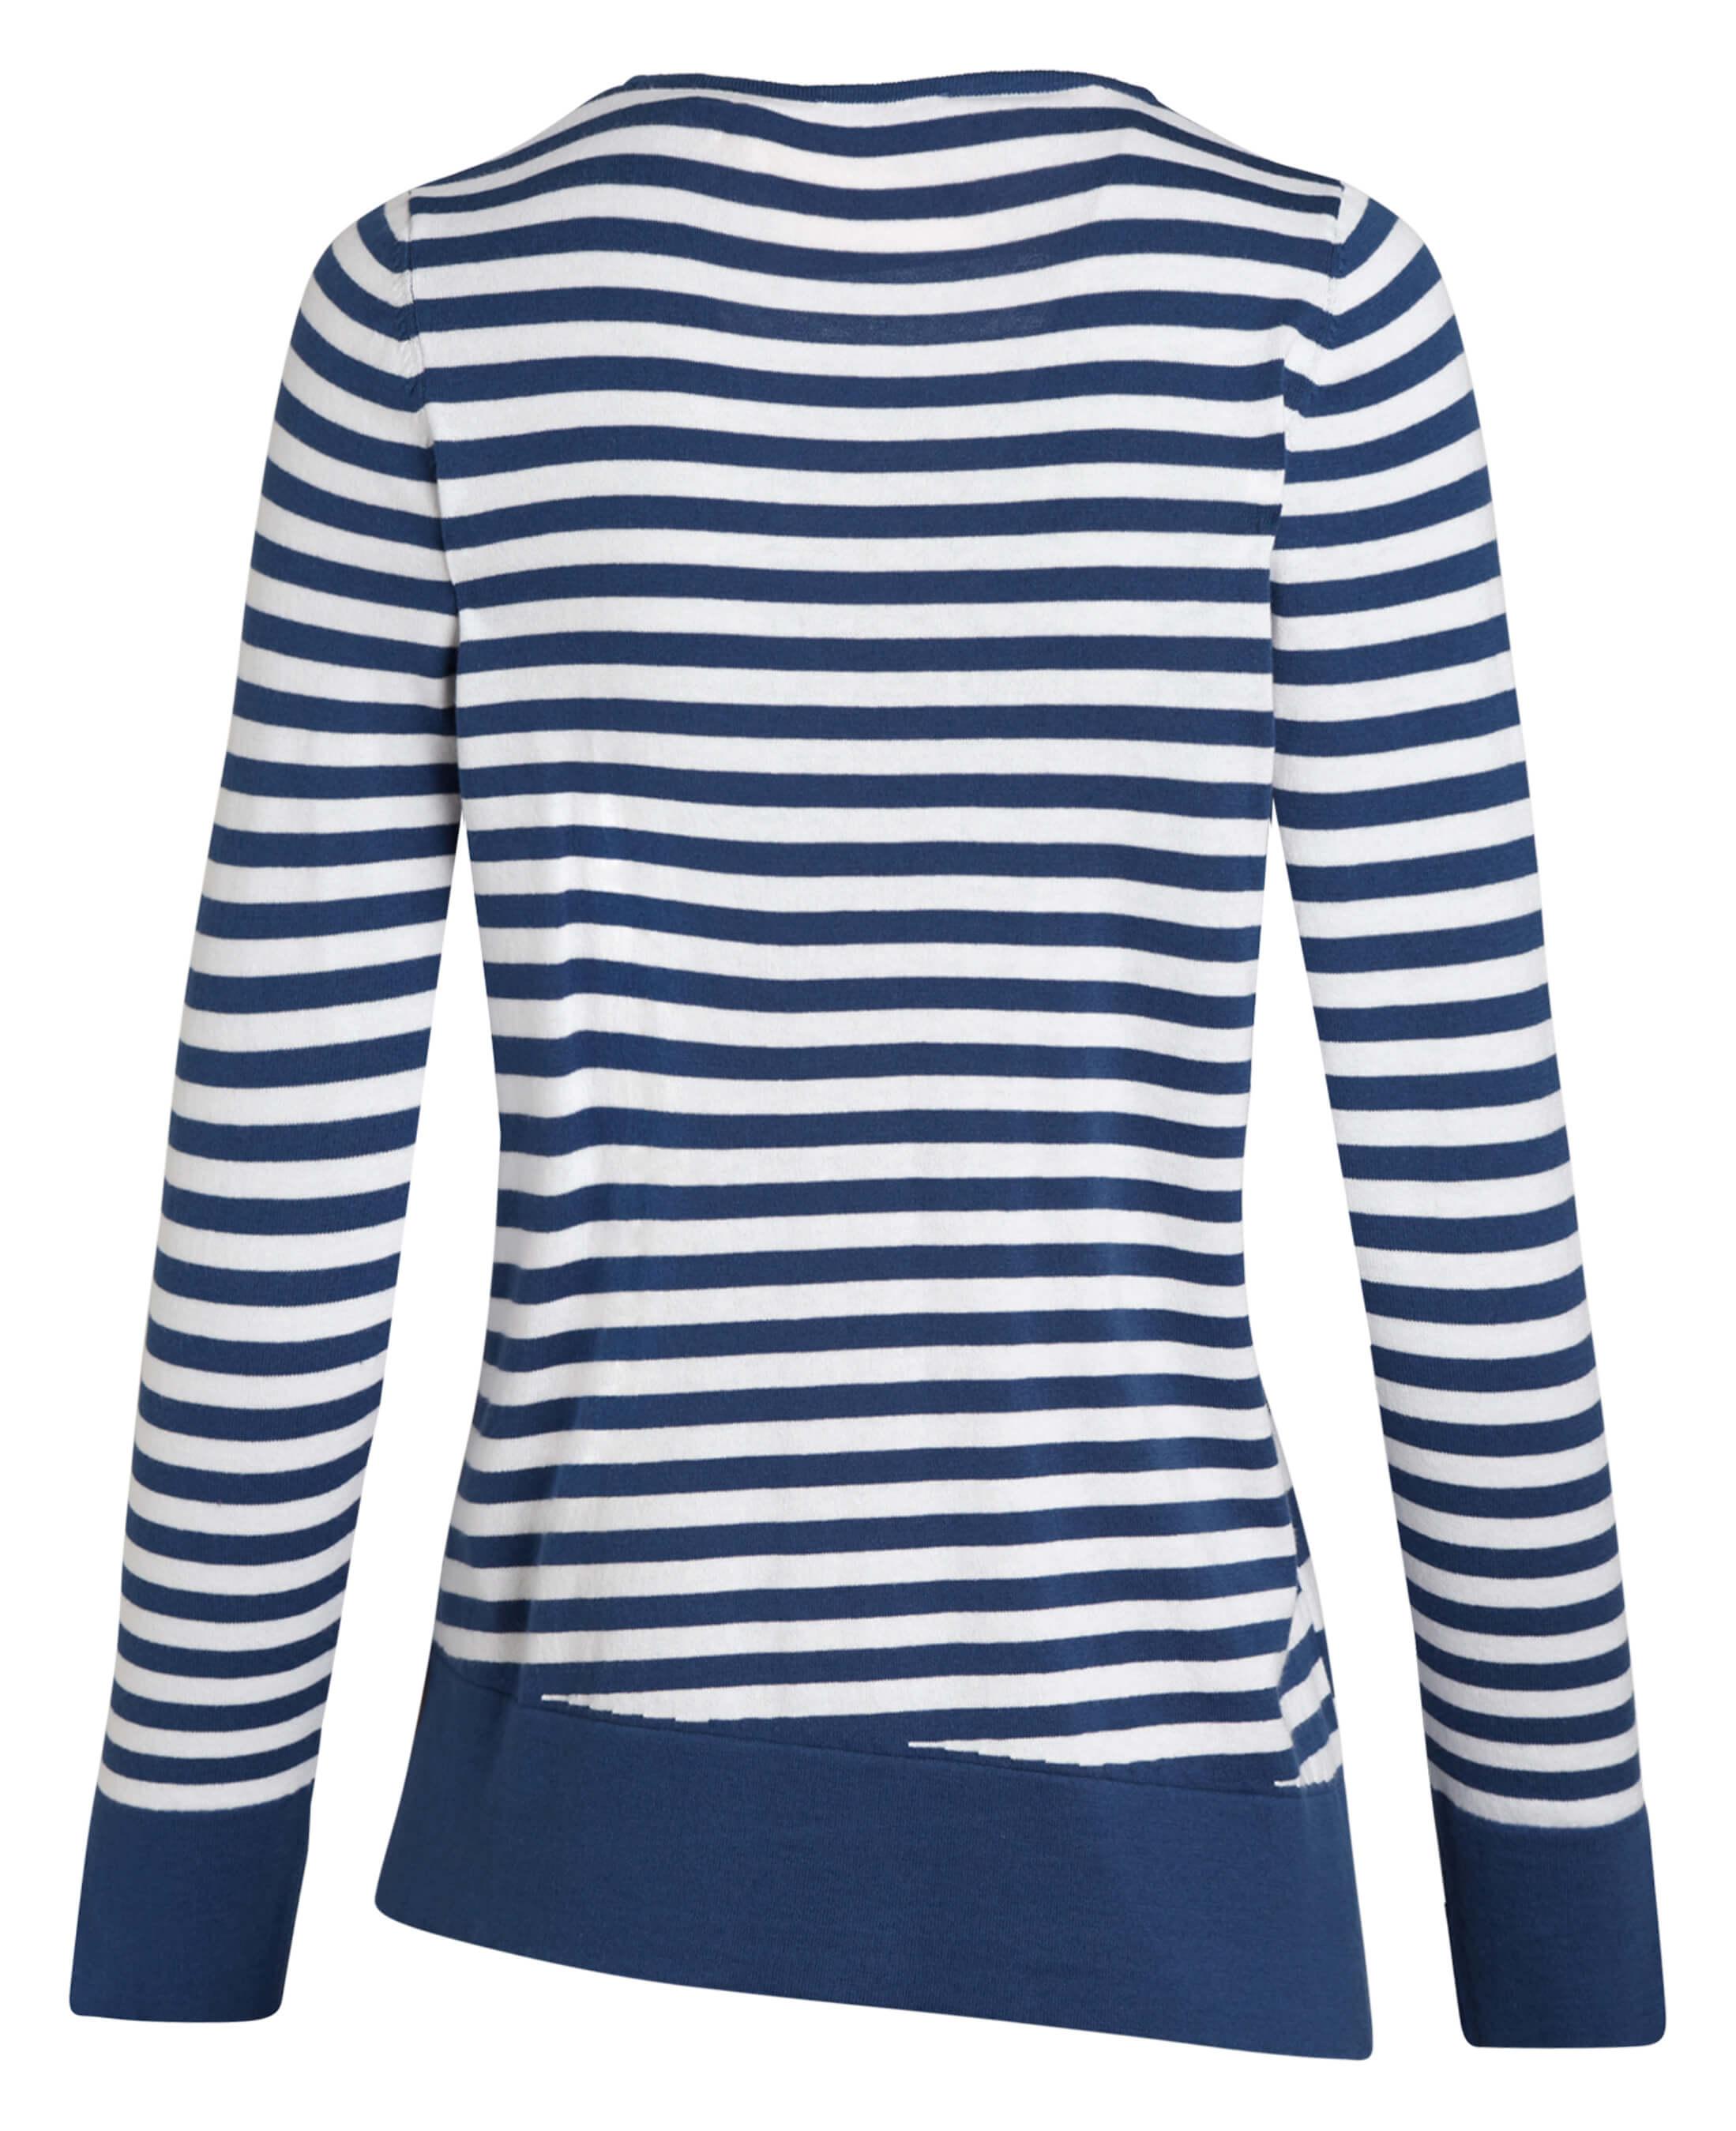 7ab5cb73c4 ... Vorschau: Moderner Damen-Pullover von yourConcept mit Langarm und  Rundhals